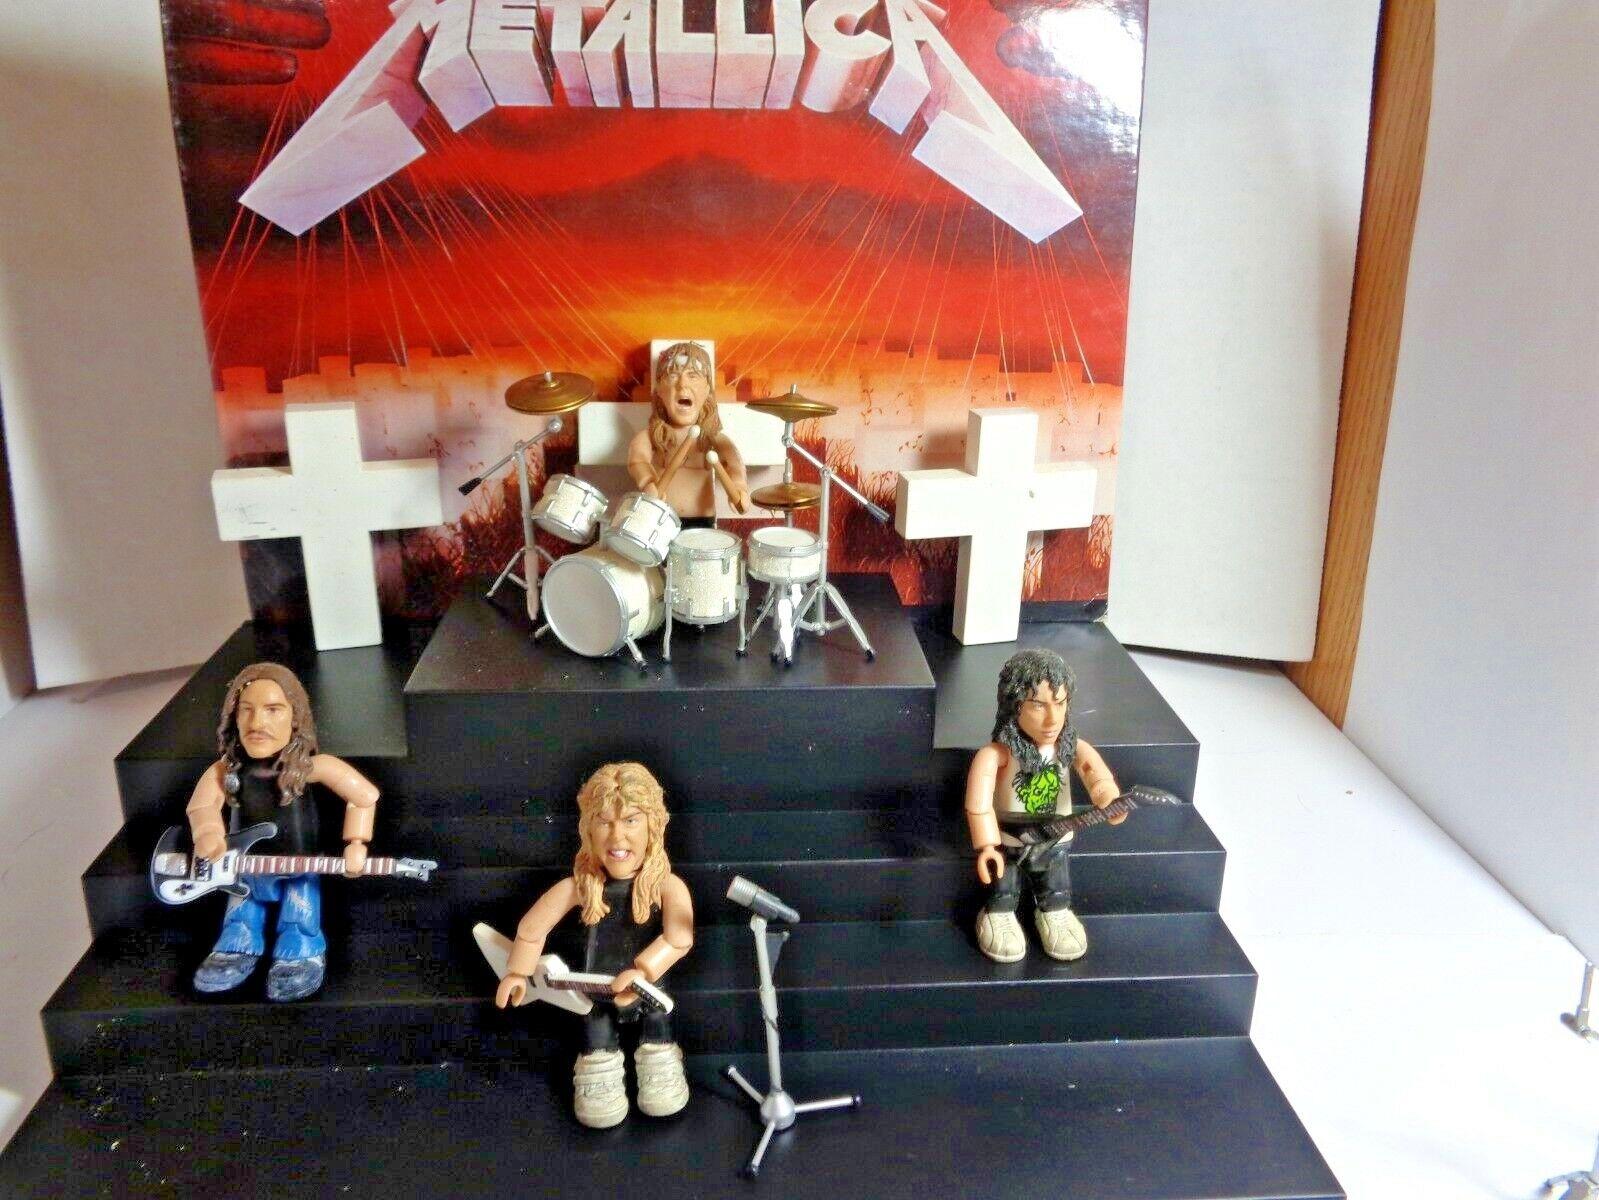 Para tu estilo de juego a los precios más baratos. Smiti Jugarsets Metallica Master Of Puppets por por por Stevenson Entertainment Group  el más barato